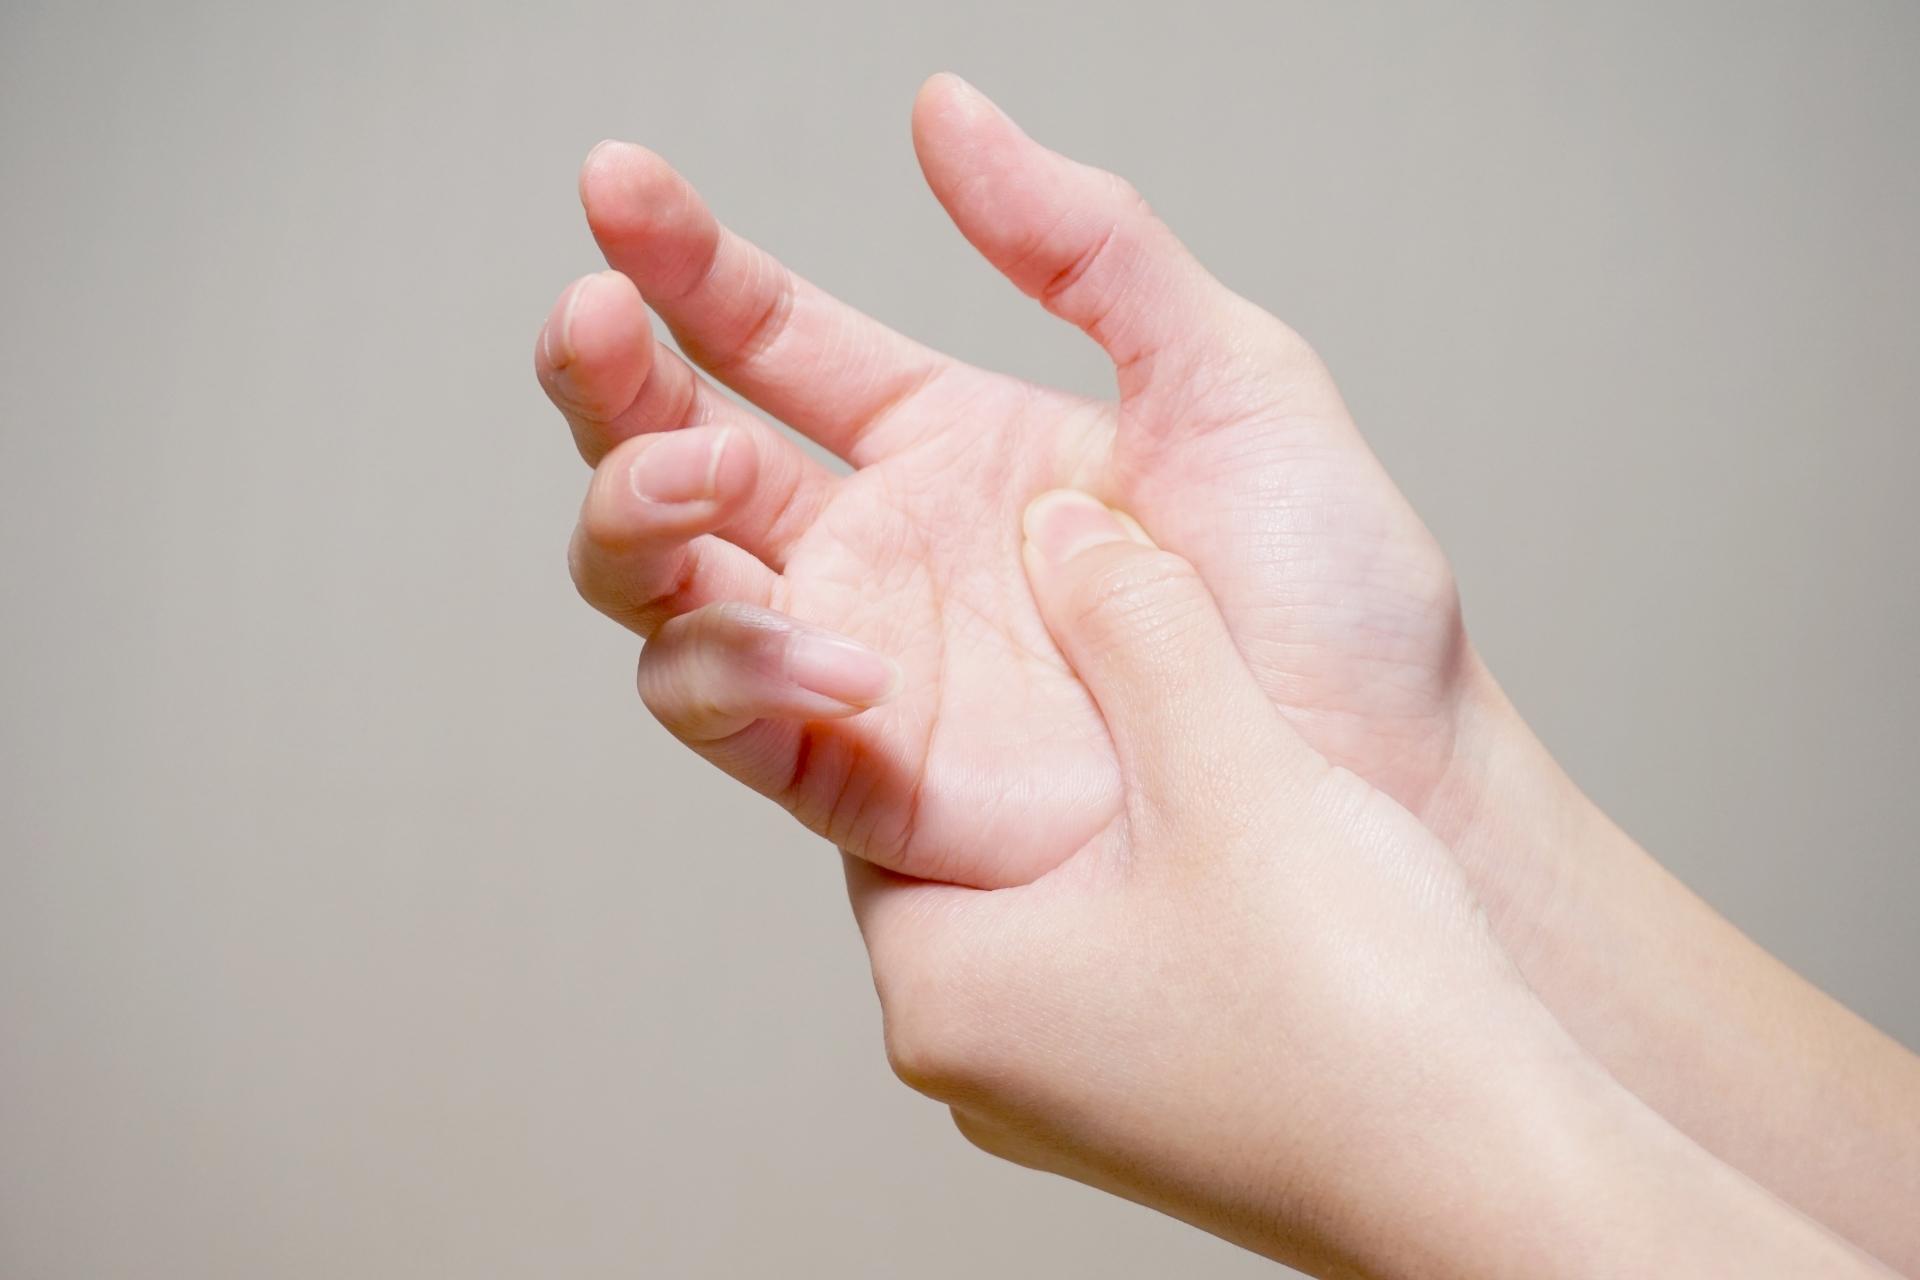 節々の痛み、関節の痛み